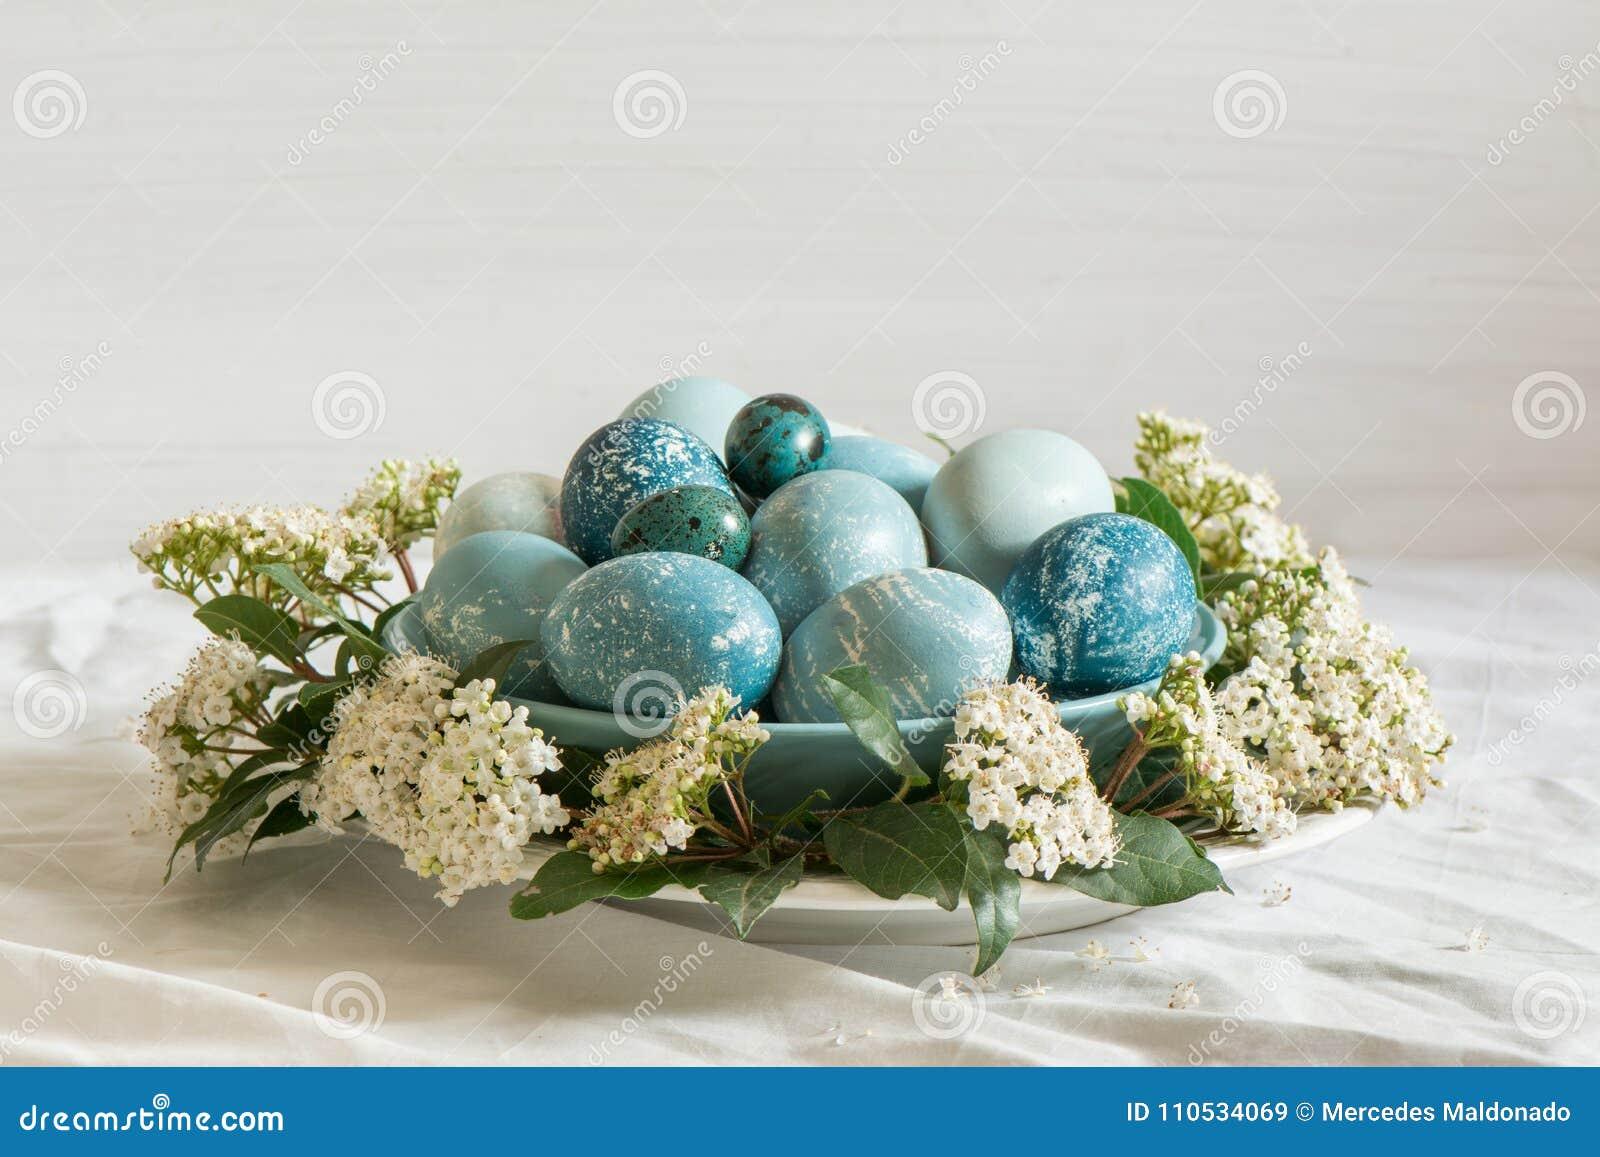 Natürlich Gefärbte Blaue Eier Ostern Umgeben Durch Weiße Blumen